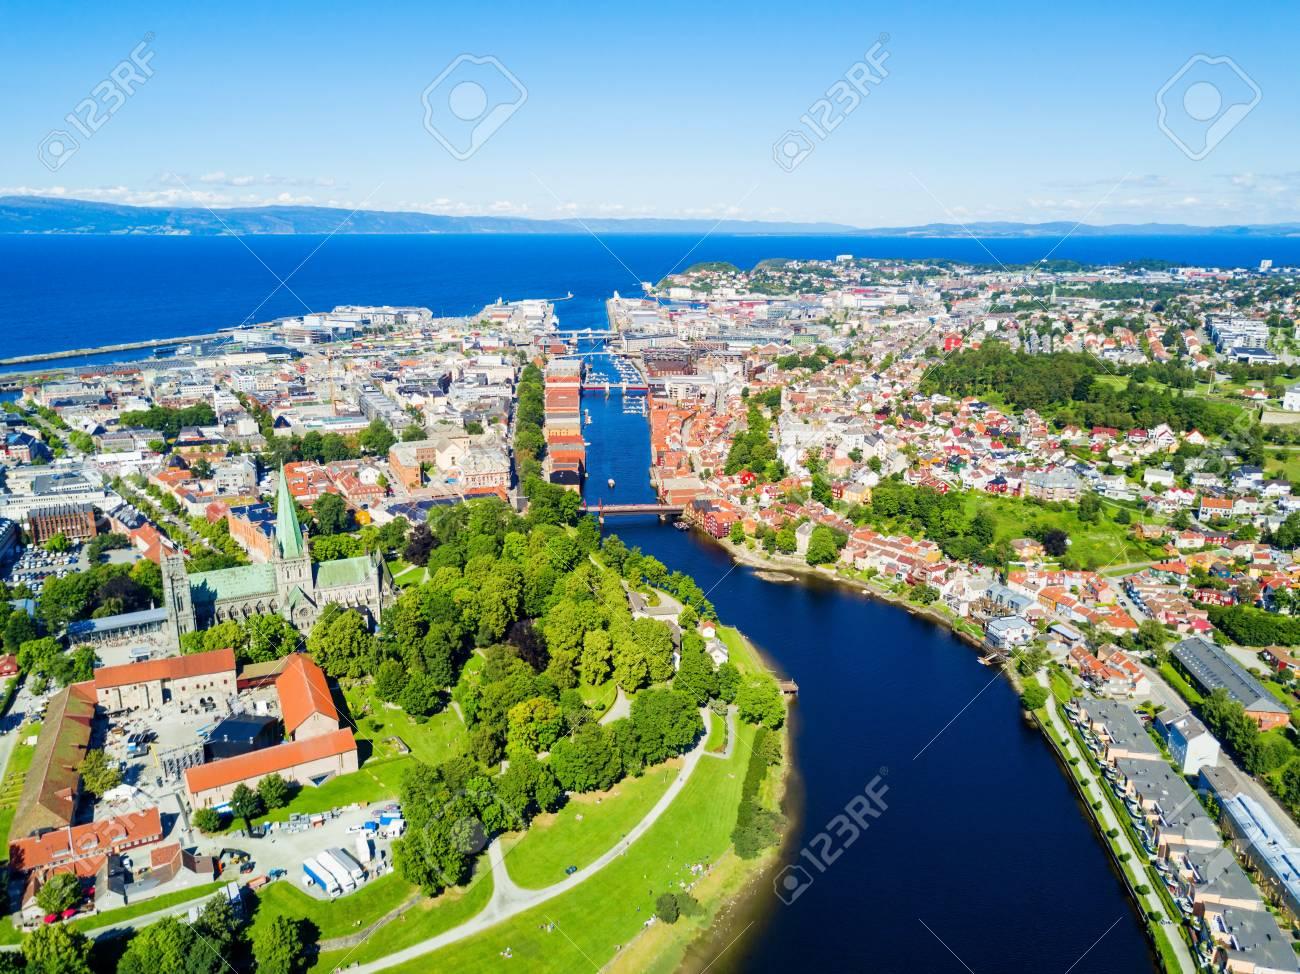 Immagini Stock Vista Panoramica Aerea Della Città Di Trondheim